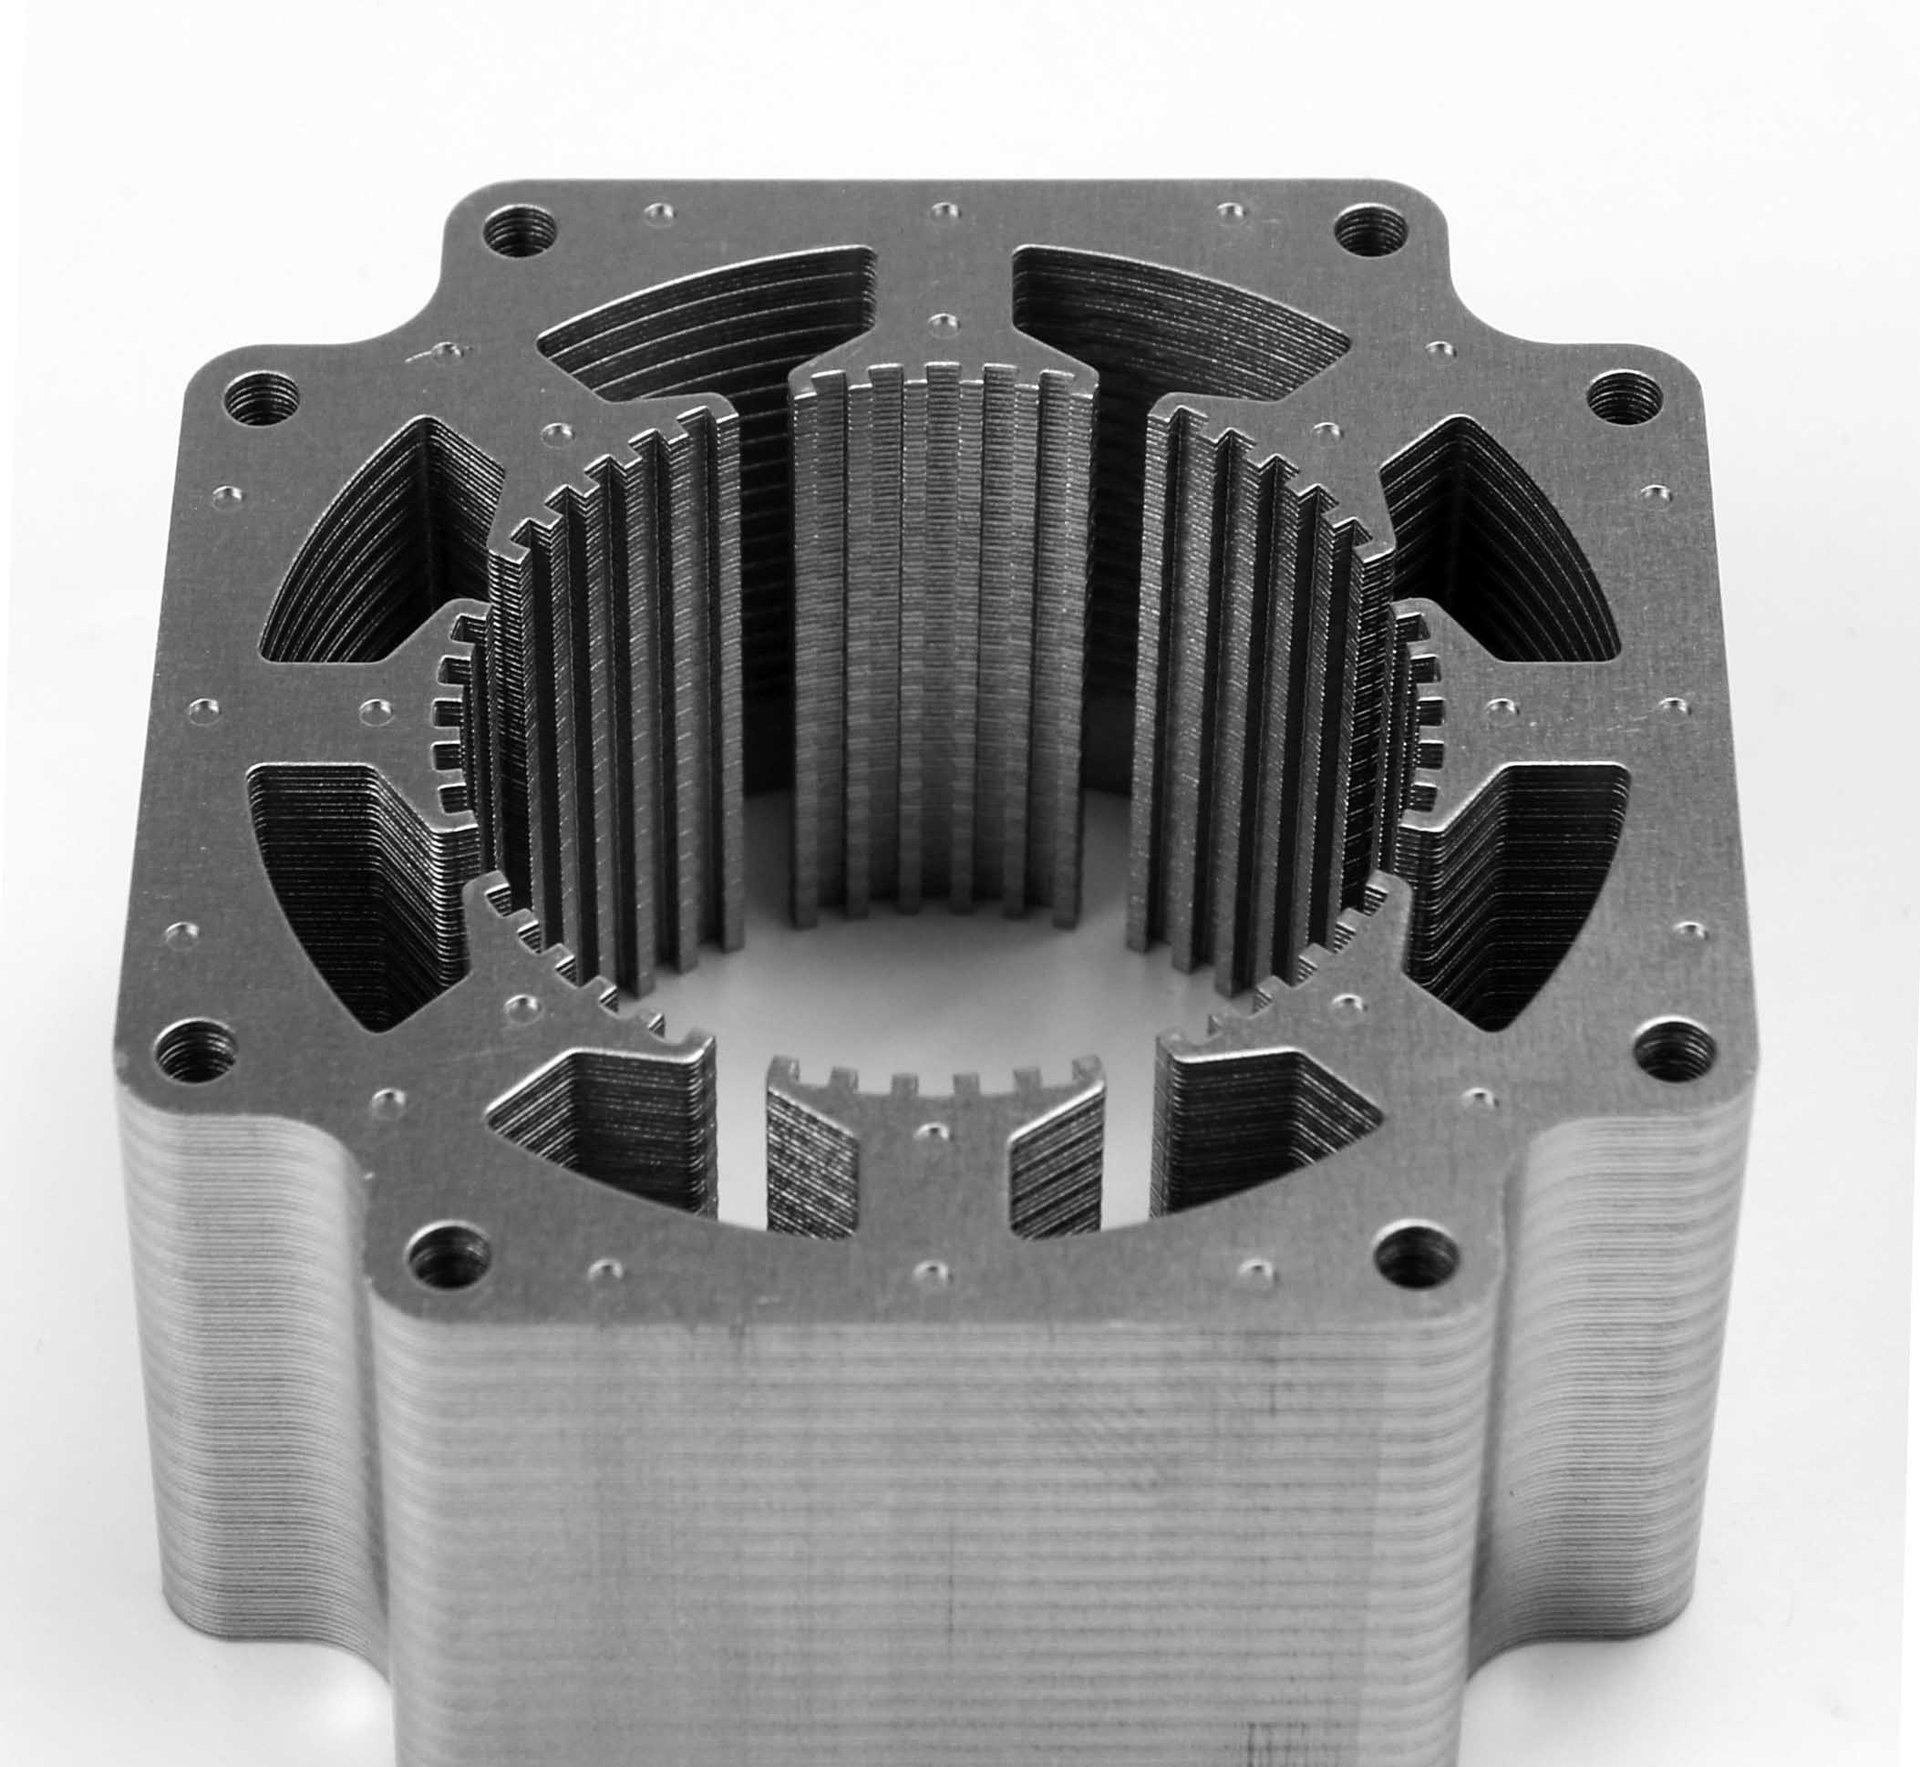 马达铁芯尺寸如何测量?不同尺寸使用到不同测量设备